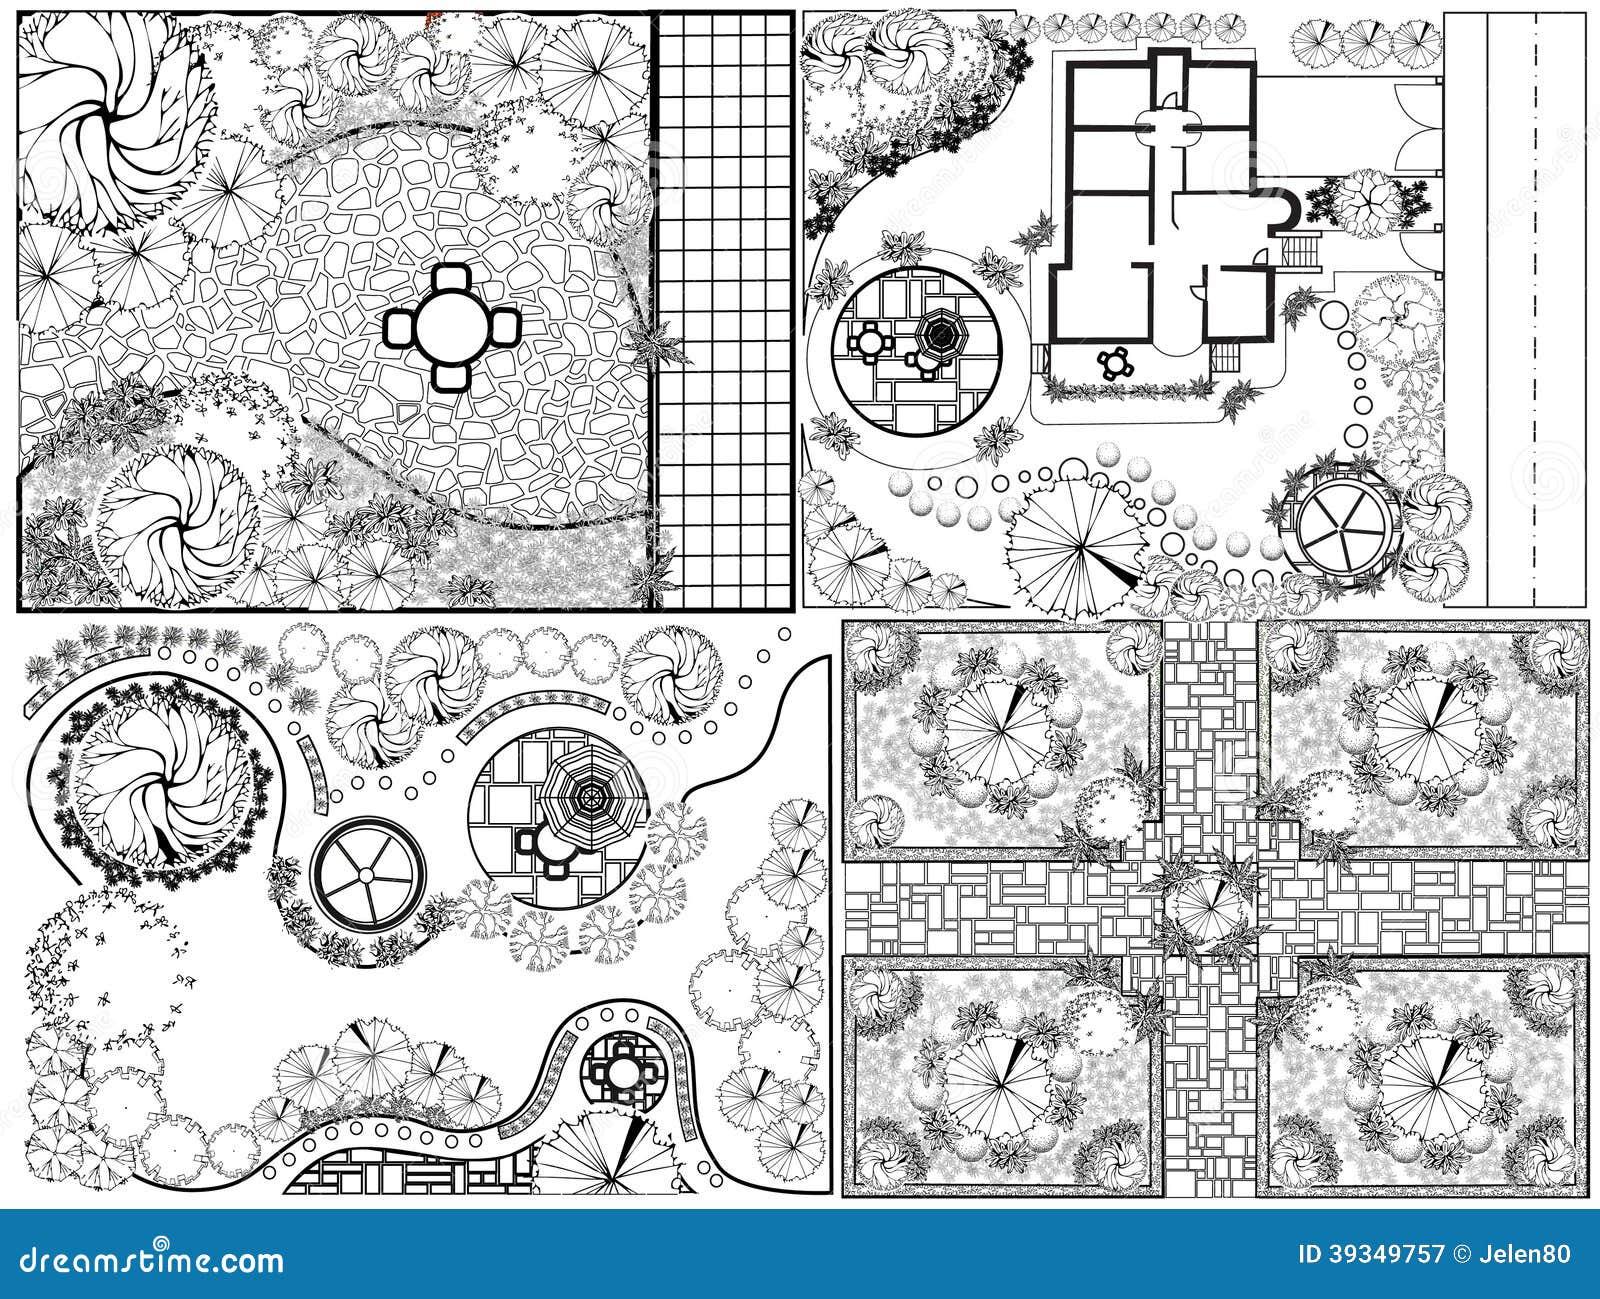 Collections od landscape plan stock illustration image 39349757 for Average cost of landscape design plan